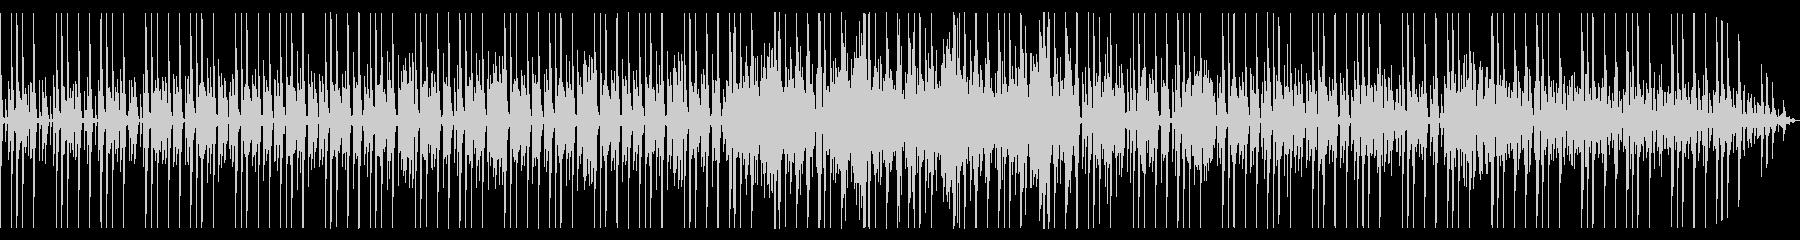 トーク動画などのBGM用テクノの未再生の波形